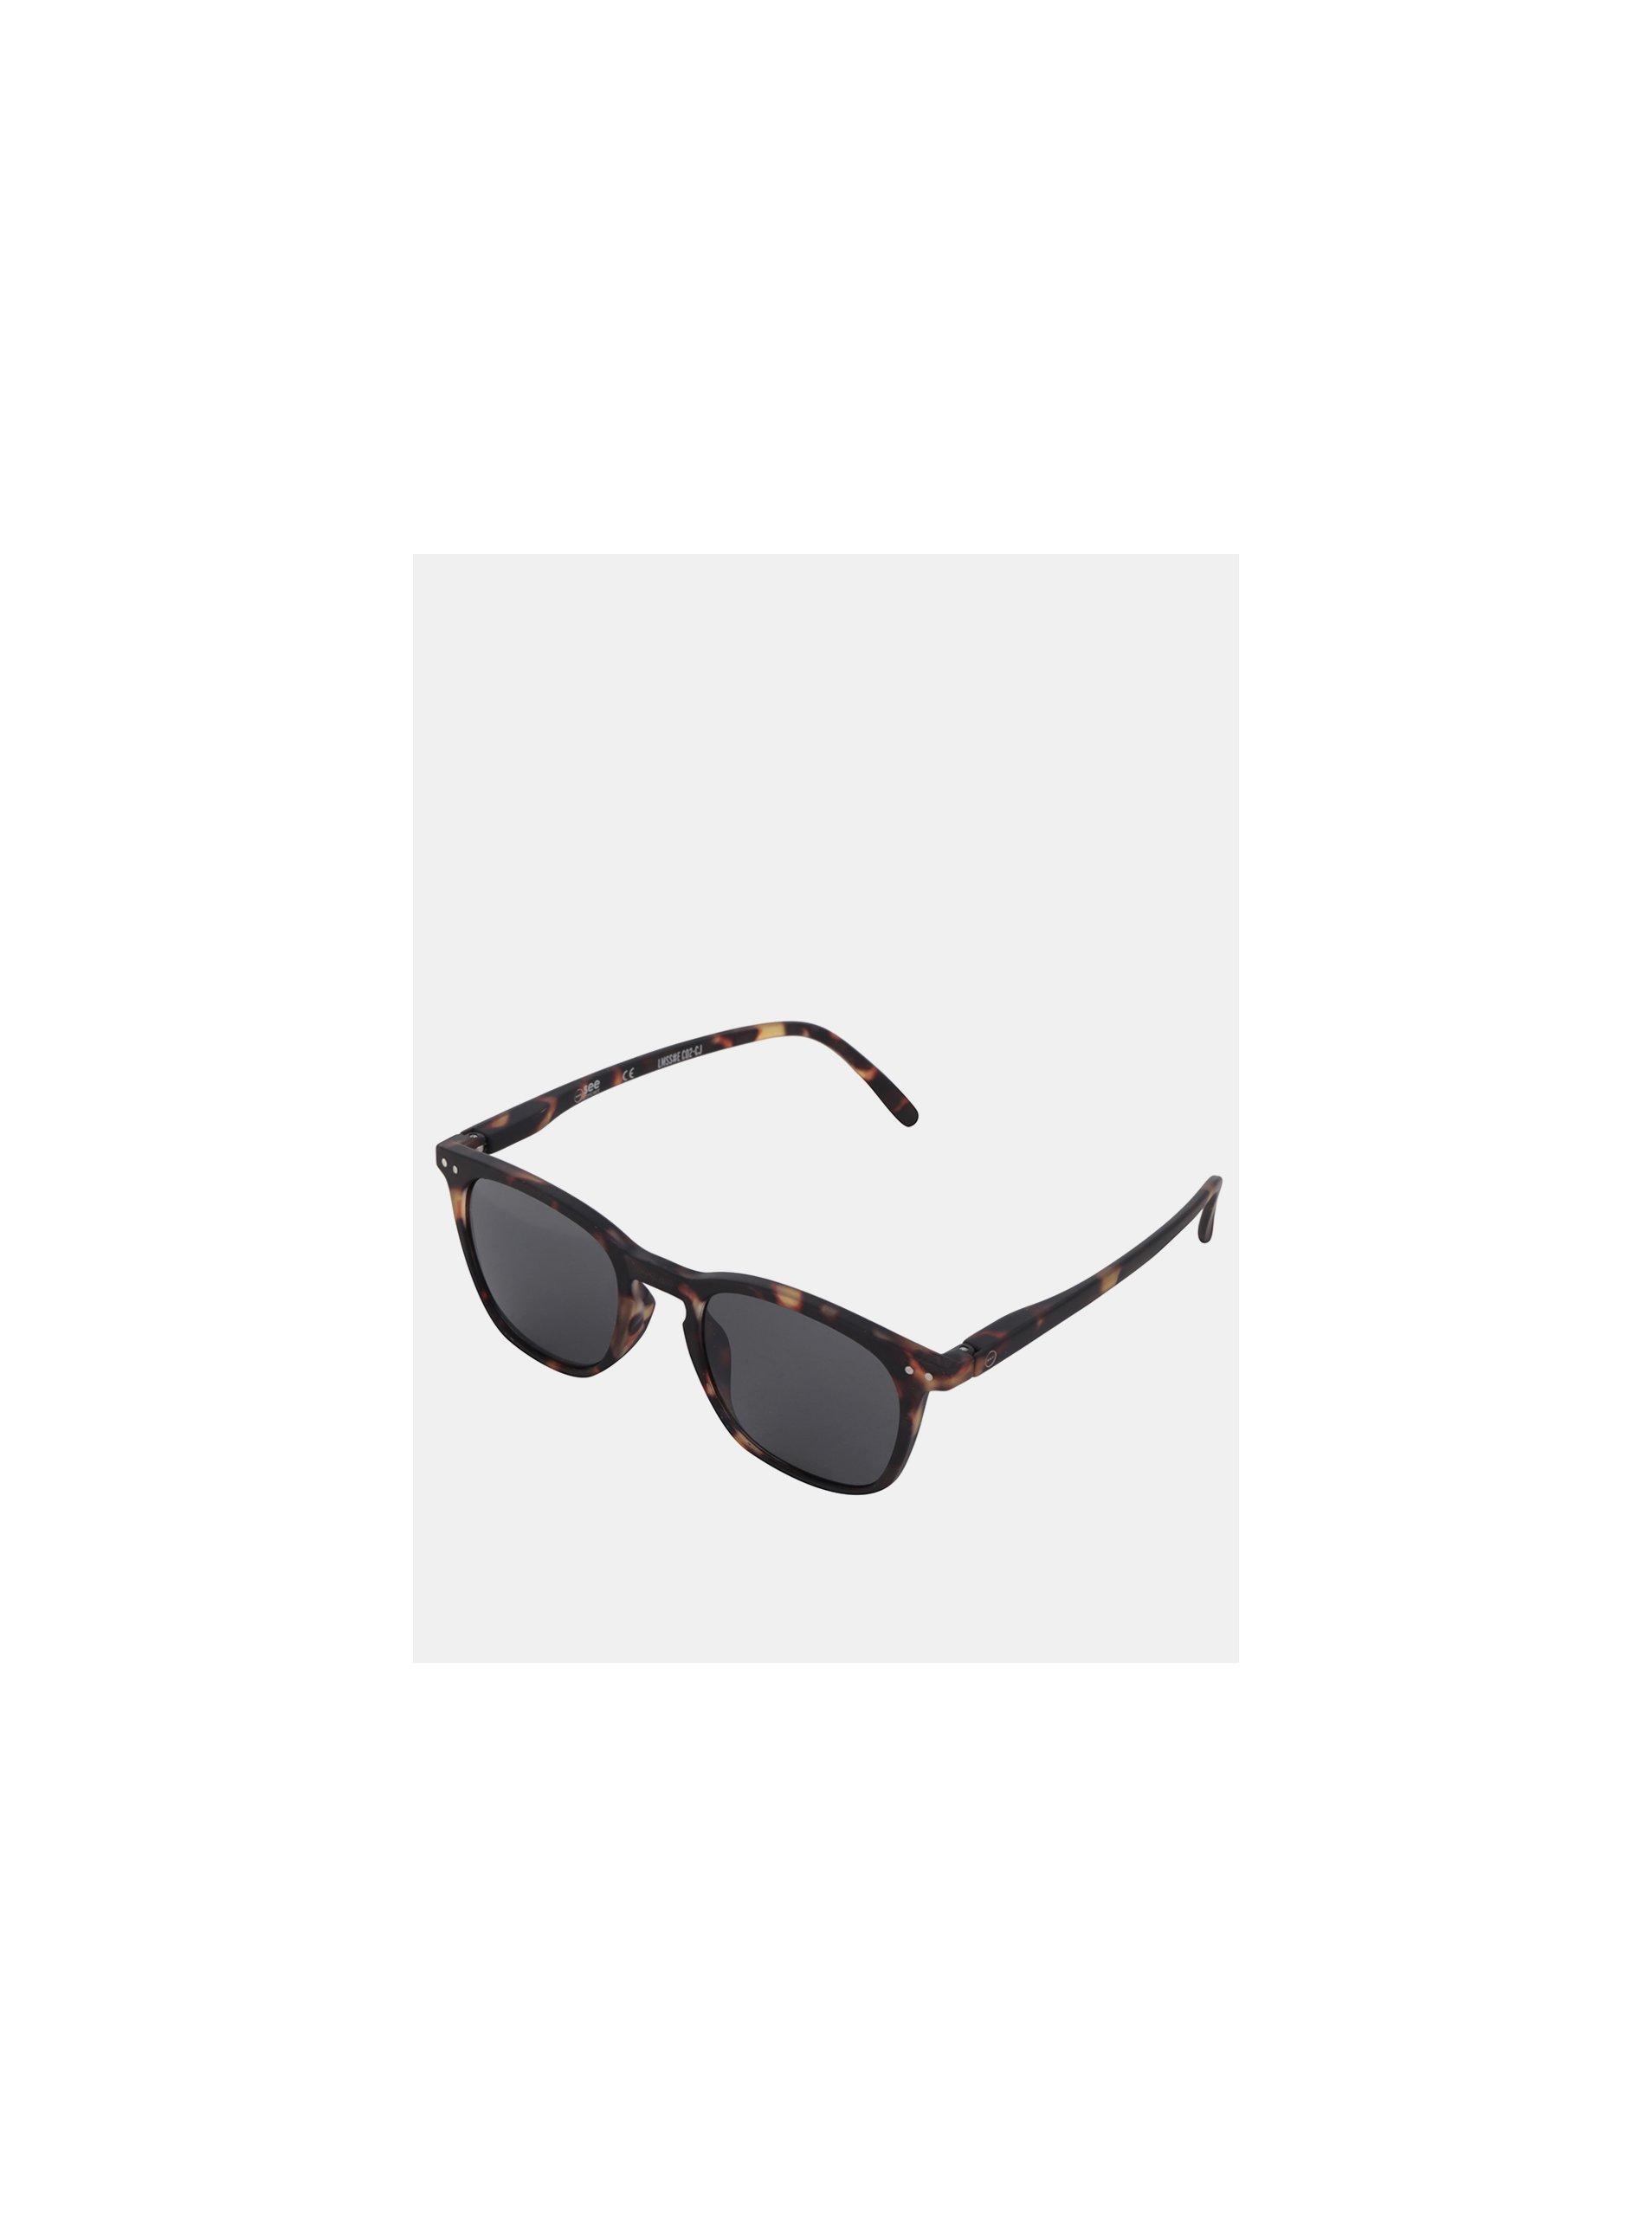 cac728866 Hnědo-černé vzorované sluneční brýle s černými skly IZIPIZI #E